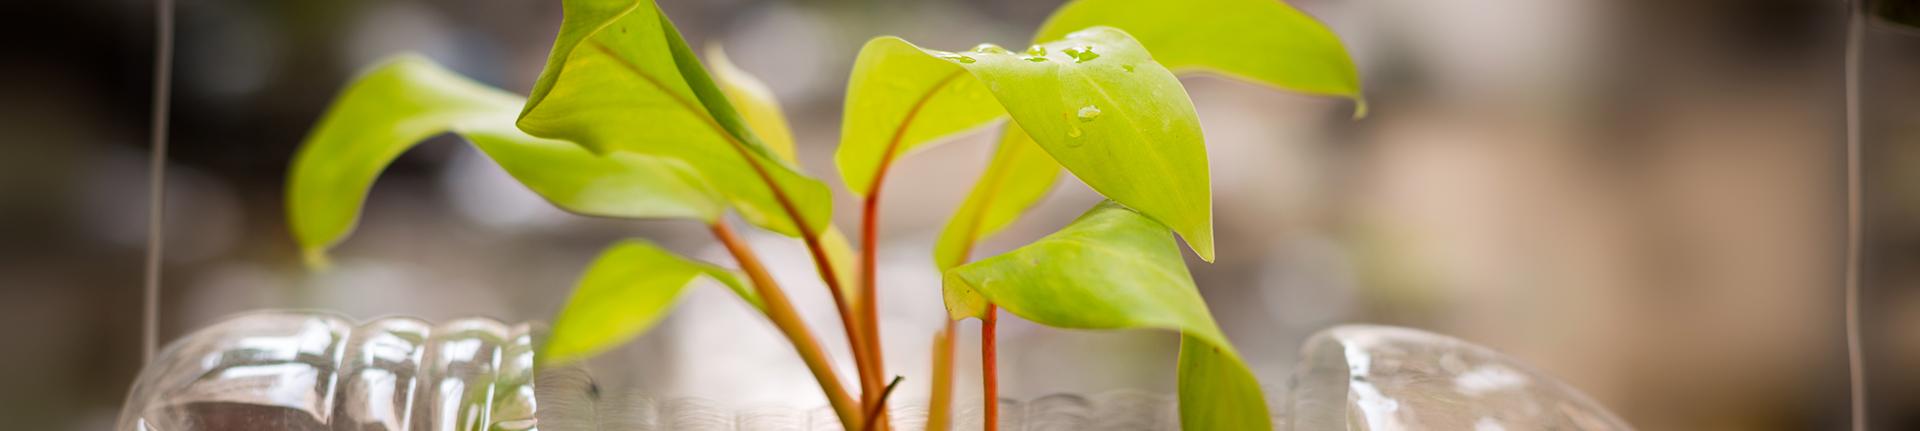 Natureza na decoração: inserindo mais verde em nossas vidas